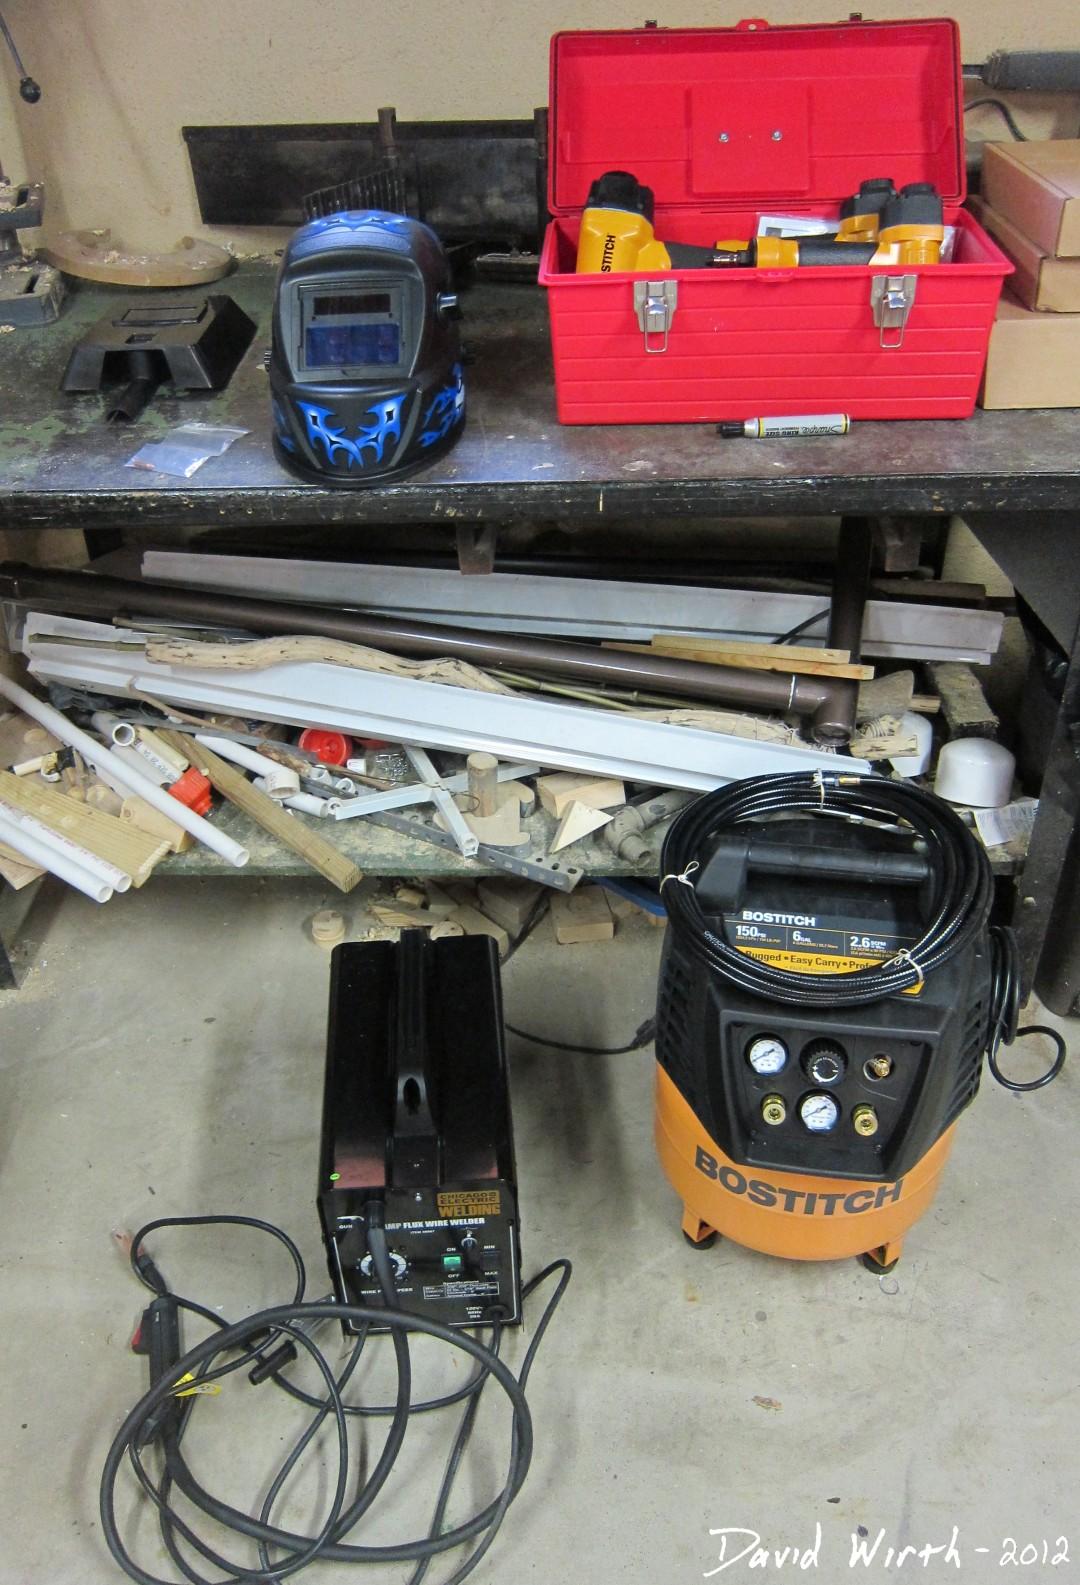 medium resolution of chicago electric welder harbor freight bostitch compressor nail gun